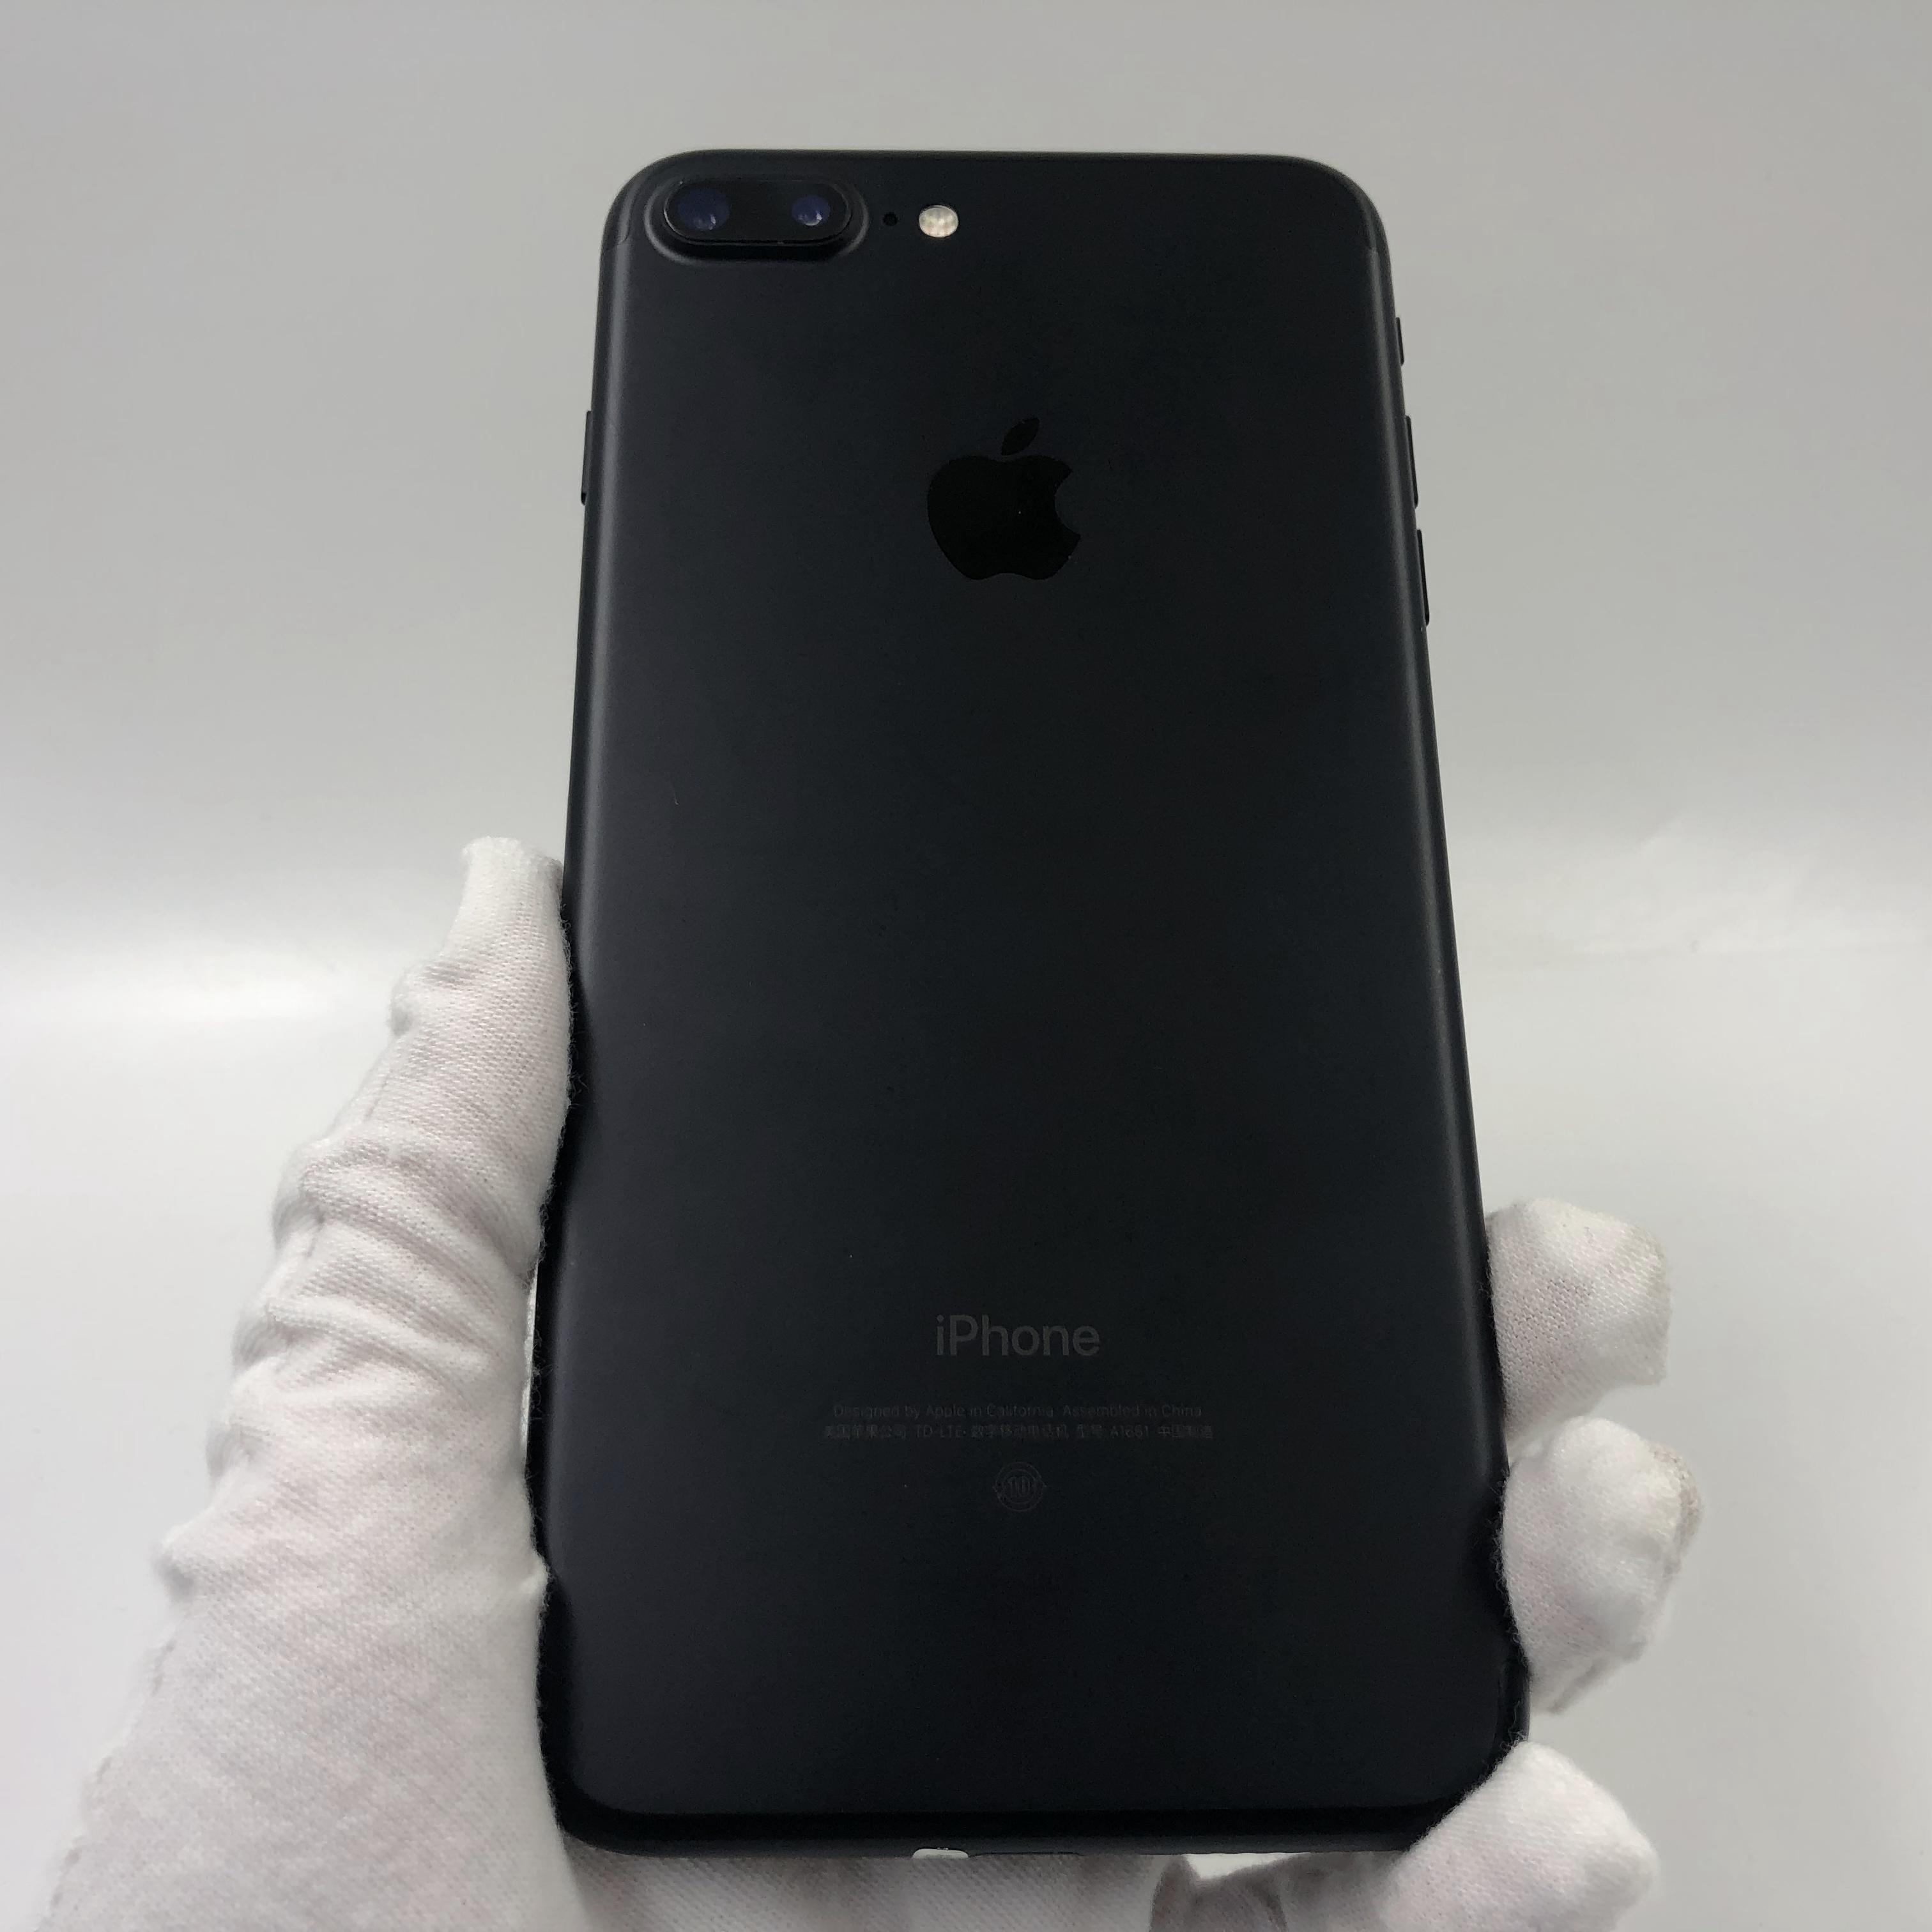 苹果【iPhone 7 Plus】4G全网通 黑色 128G 国行 8成新 真机实拍